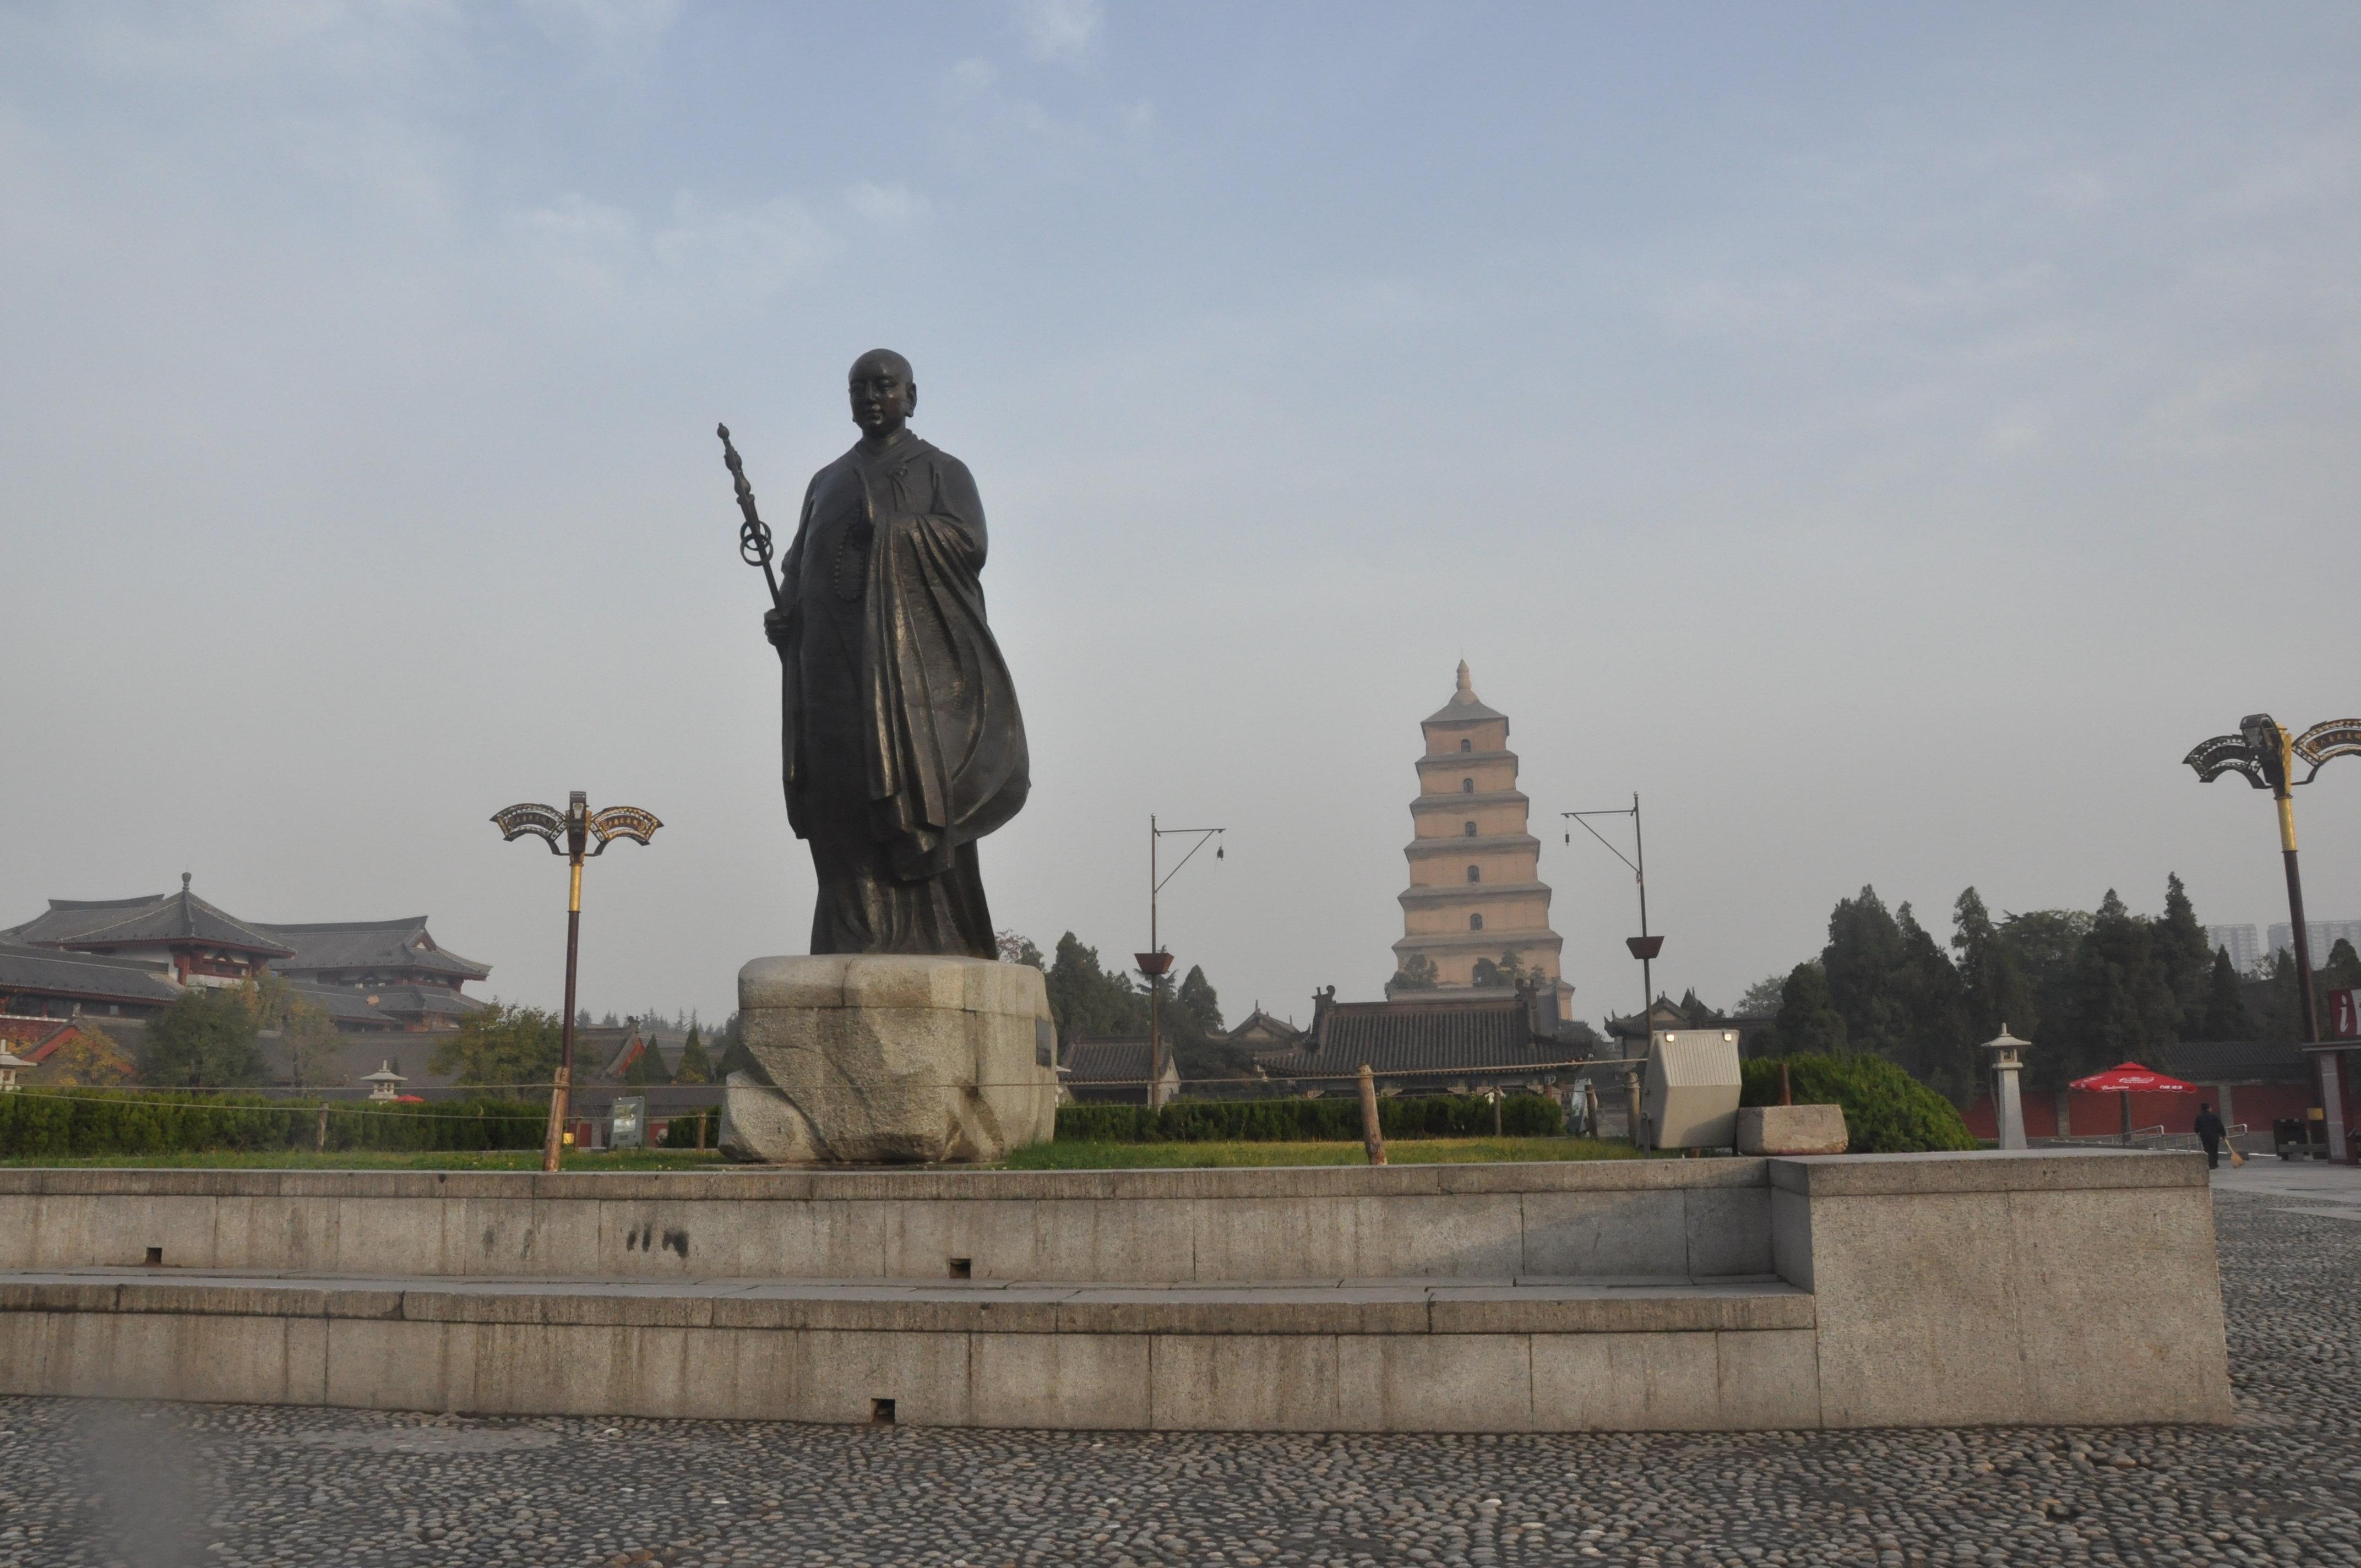 大雁塔北广场 陕博最值得去了,但是要预留足够的时间.